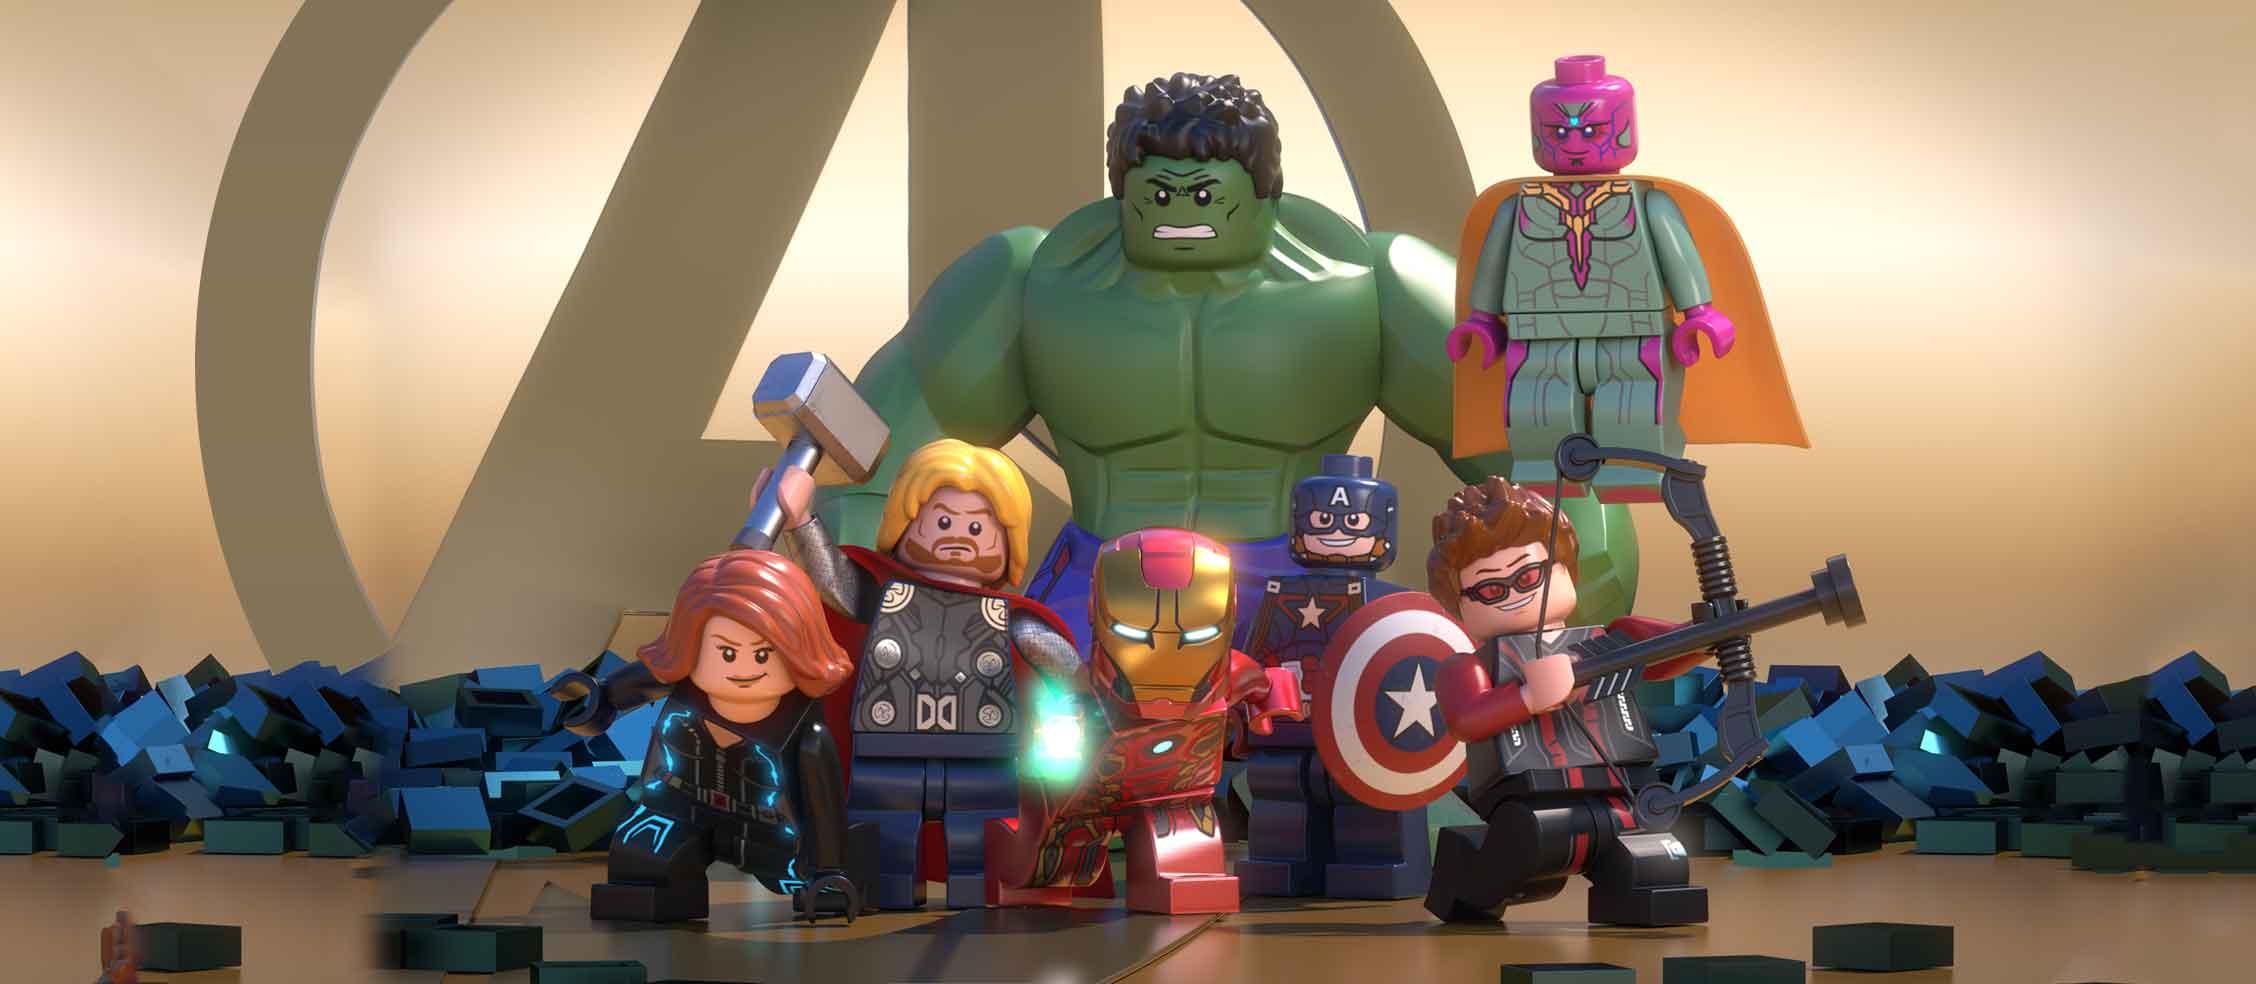 Lsh Franchise Avengersreassembled 2256 984